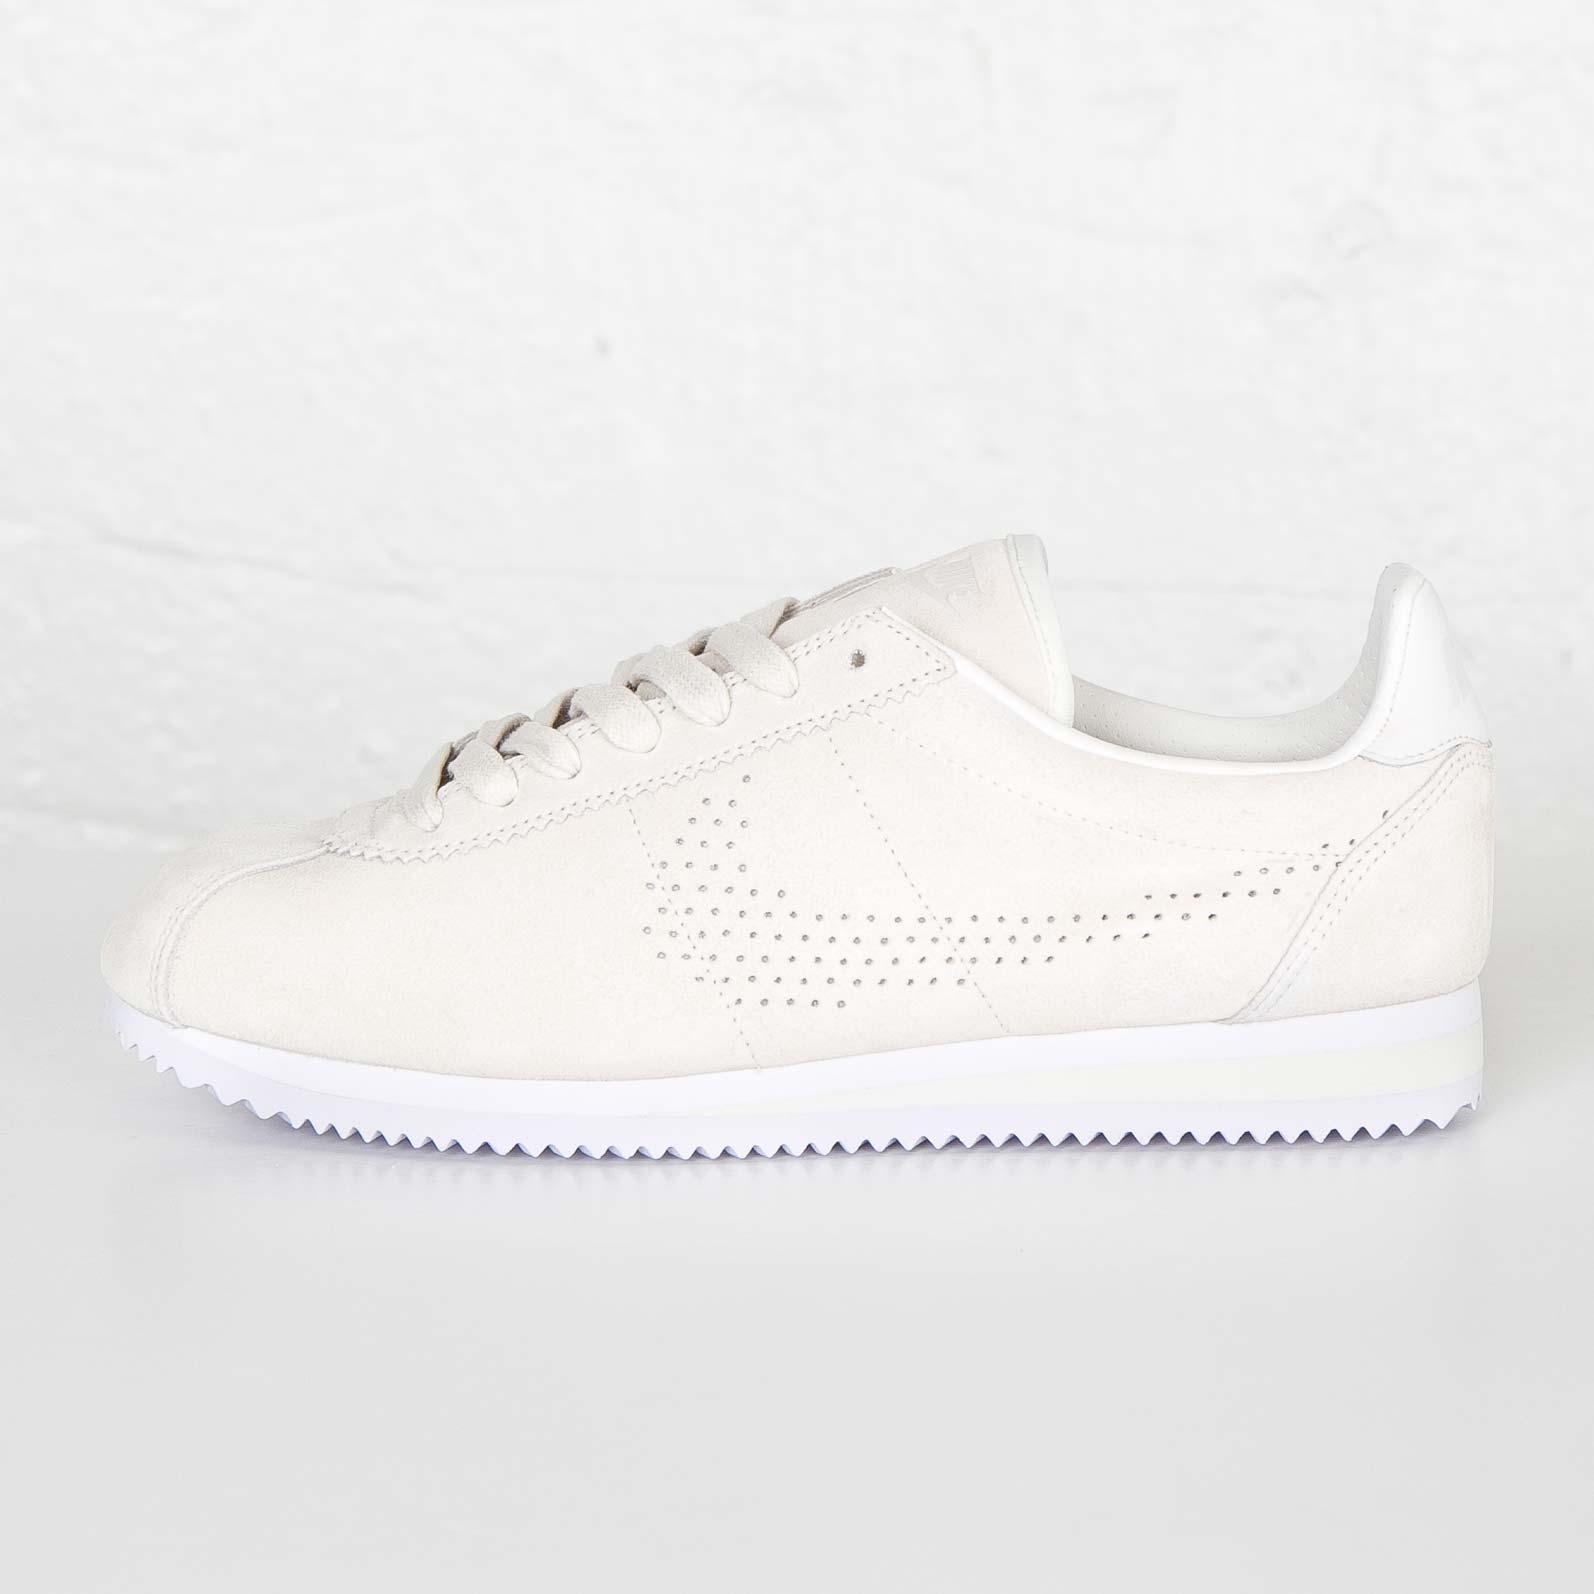 sports shoes 01ceb 0d1ee Nike Cortez LX - 823914-055 - Sneakersnstuff   sneakers   streetwear online  since 1999